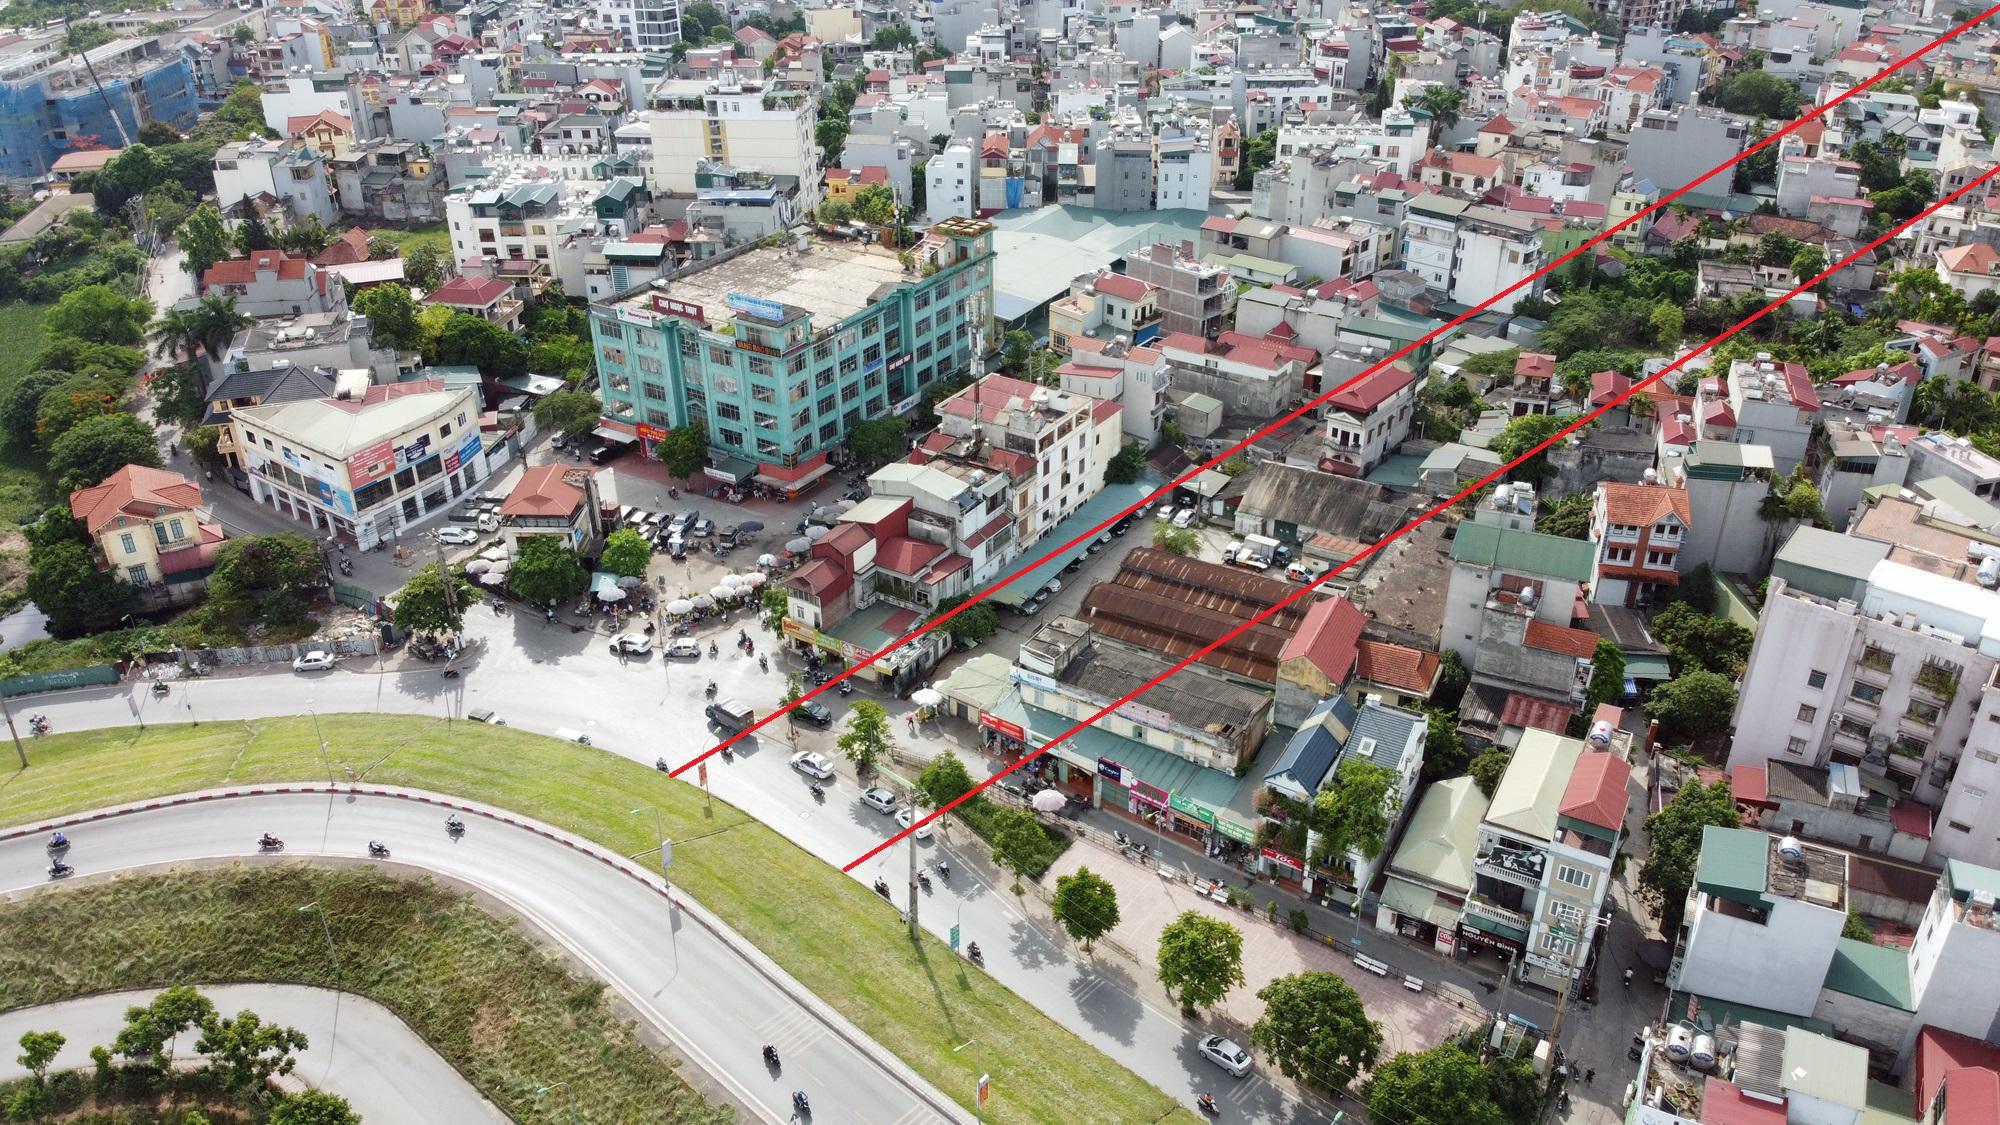 đường sẽ mở theo qui hoạch ở phường Ngọc Thụy, Long Biên, Hà Nội - Ảnh 7.